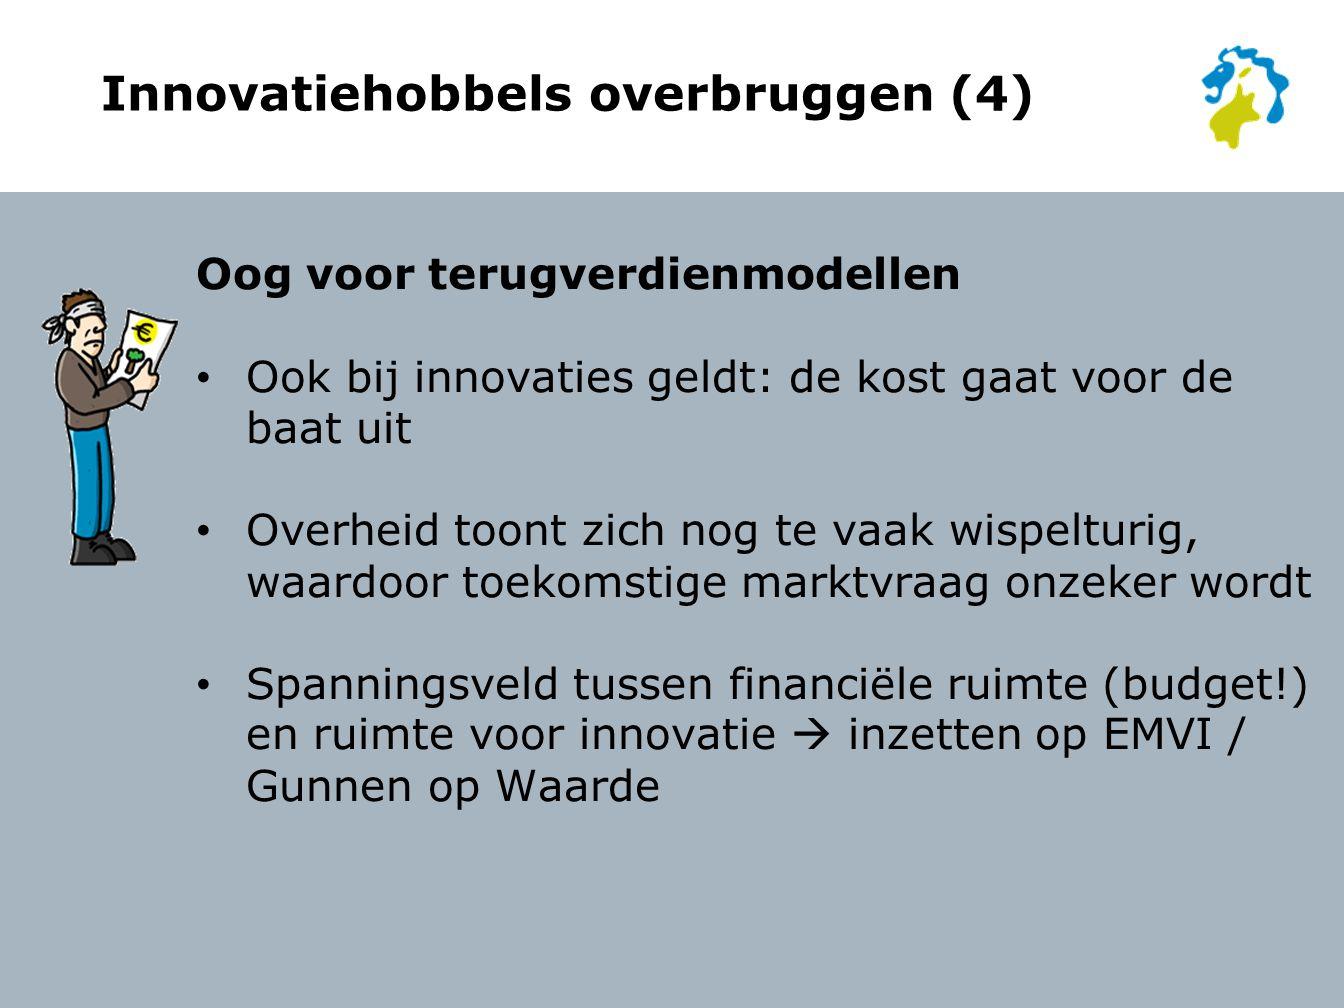 Innovatiehobbels overbruggen (4) Oog voor terugverdienmodellen Ook bij innovaties geldt: de kost gaat voor de baat uit Overheid toont zich nog te vaak wispelturig, waardoor toekomstige marktvraag onzeker wordt Spanningsveld tussen financiële ruimte (budget!) en ruimte voor innovatie  inzetten op EMVI / Gunnen op Waarde